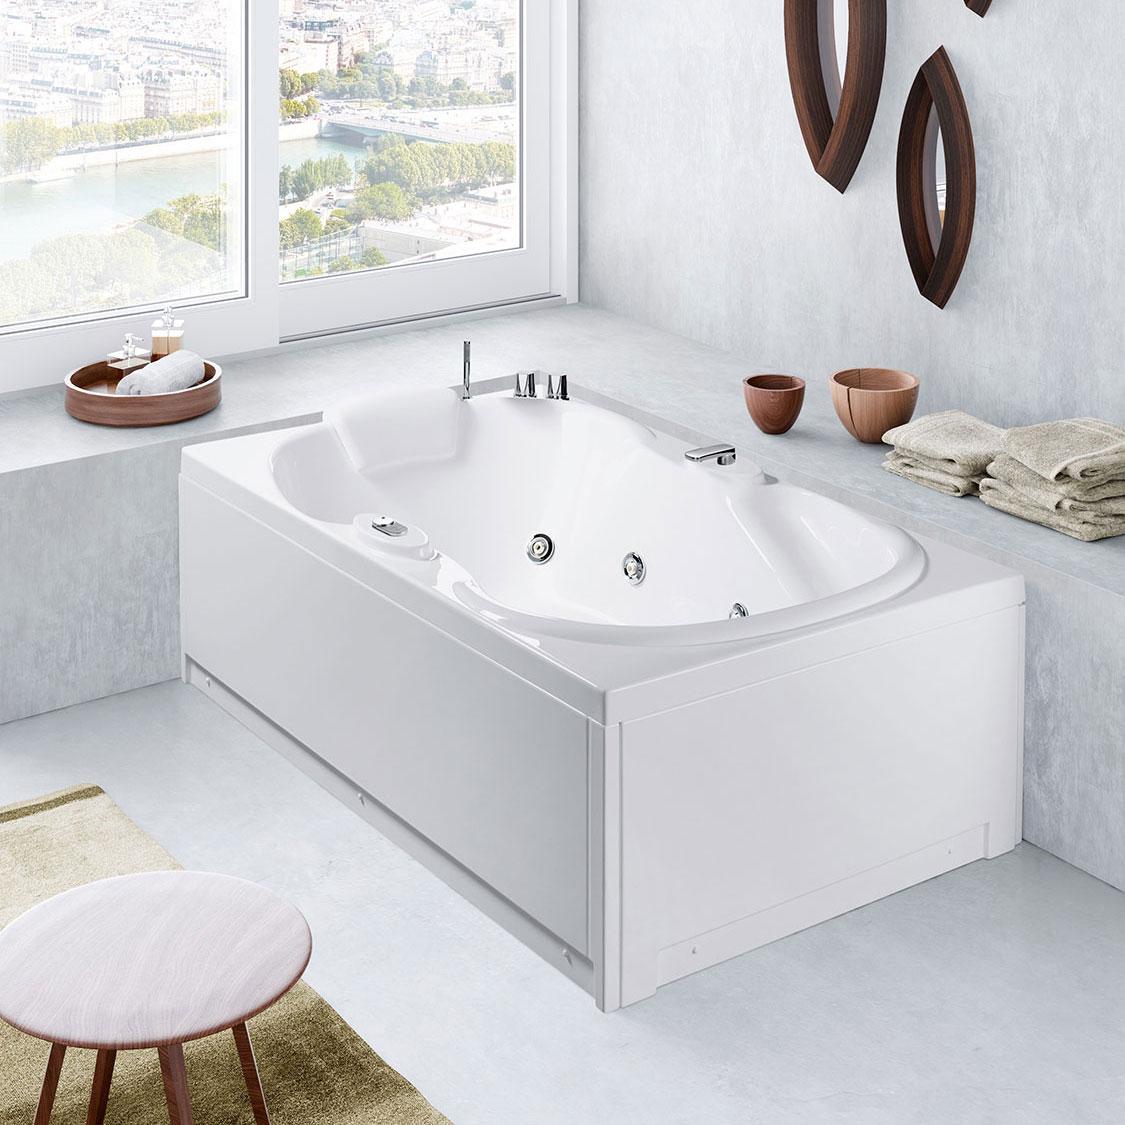 Misure vasca da bagno: vasche da bagno low cost a partire euro. la ...